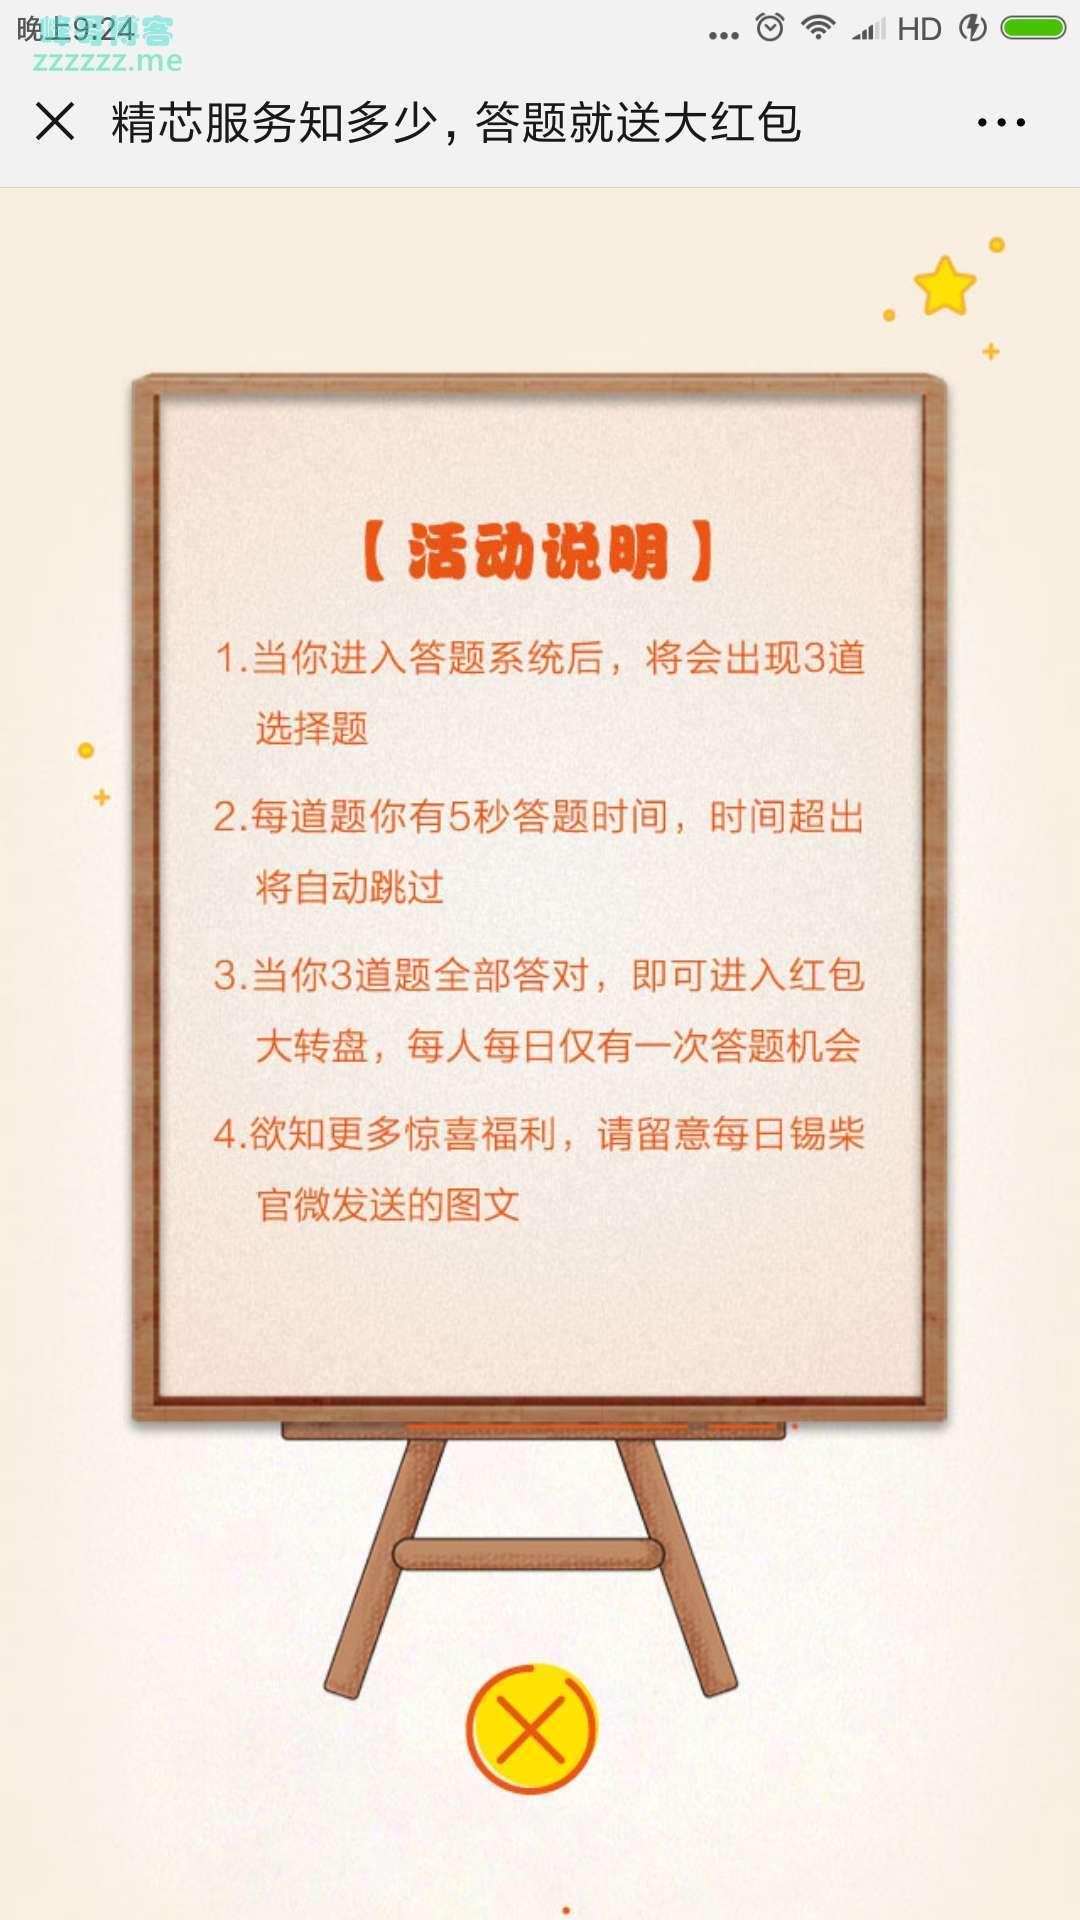 < 一汽解放无锡柴油机厂>答题领取大红包(截止不详)